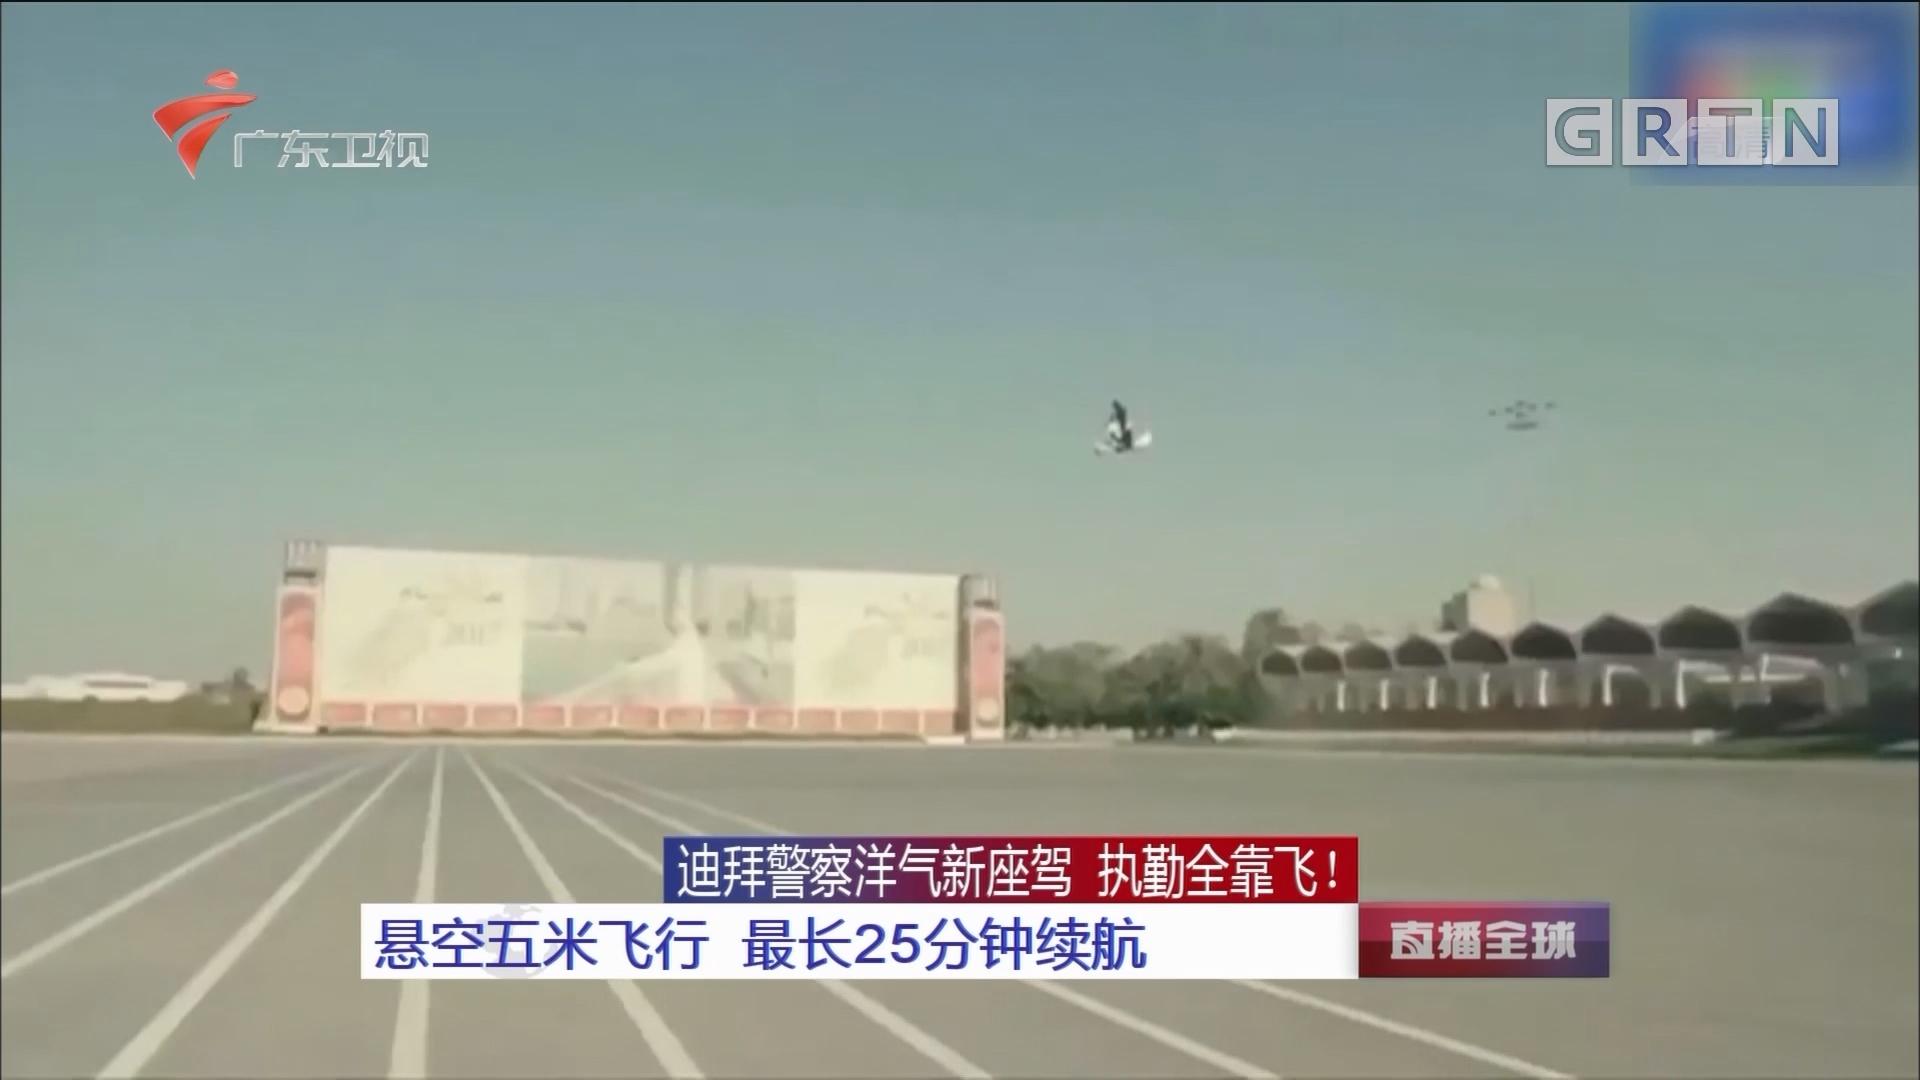 迪拜警察洋气新座驾 执勤全靠飞!悬空五米飞行 最长25分钟续航